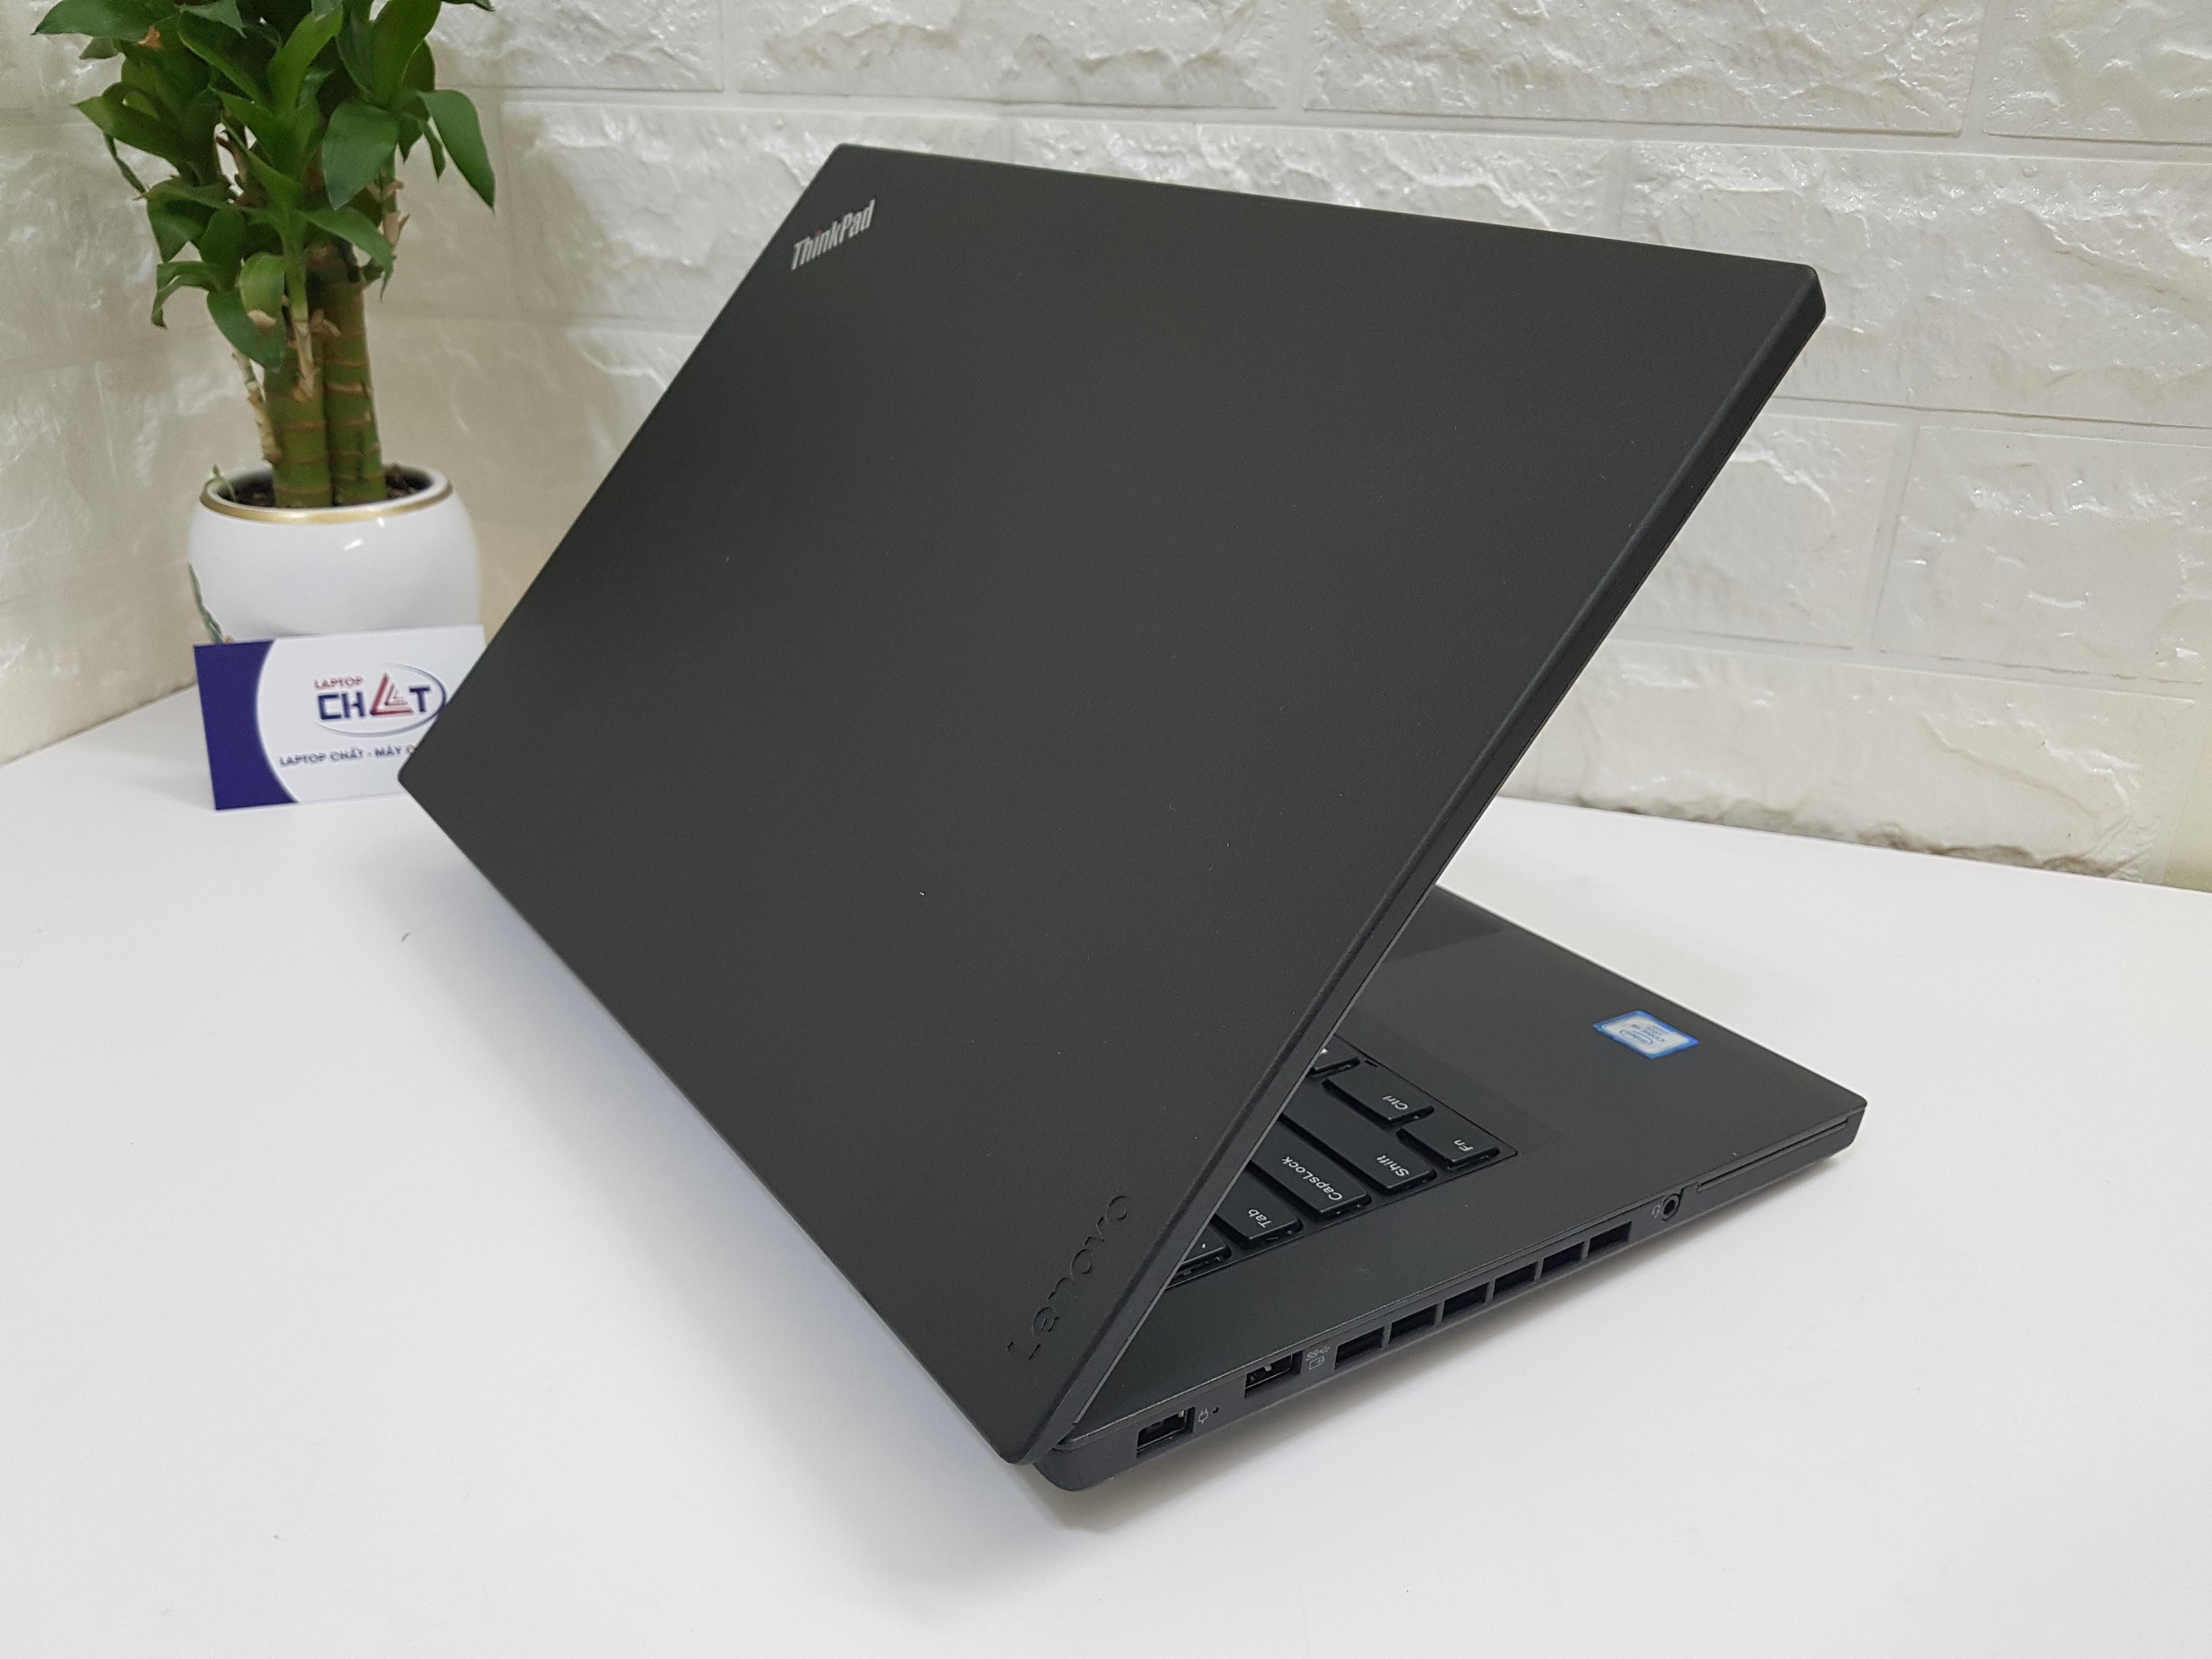 Thinkpad T460P i7 - 3